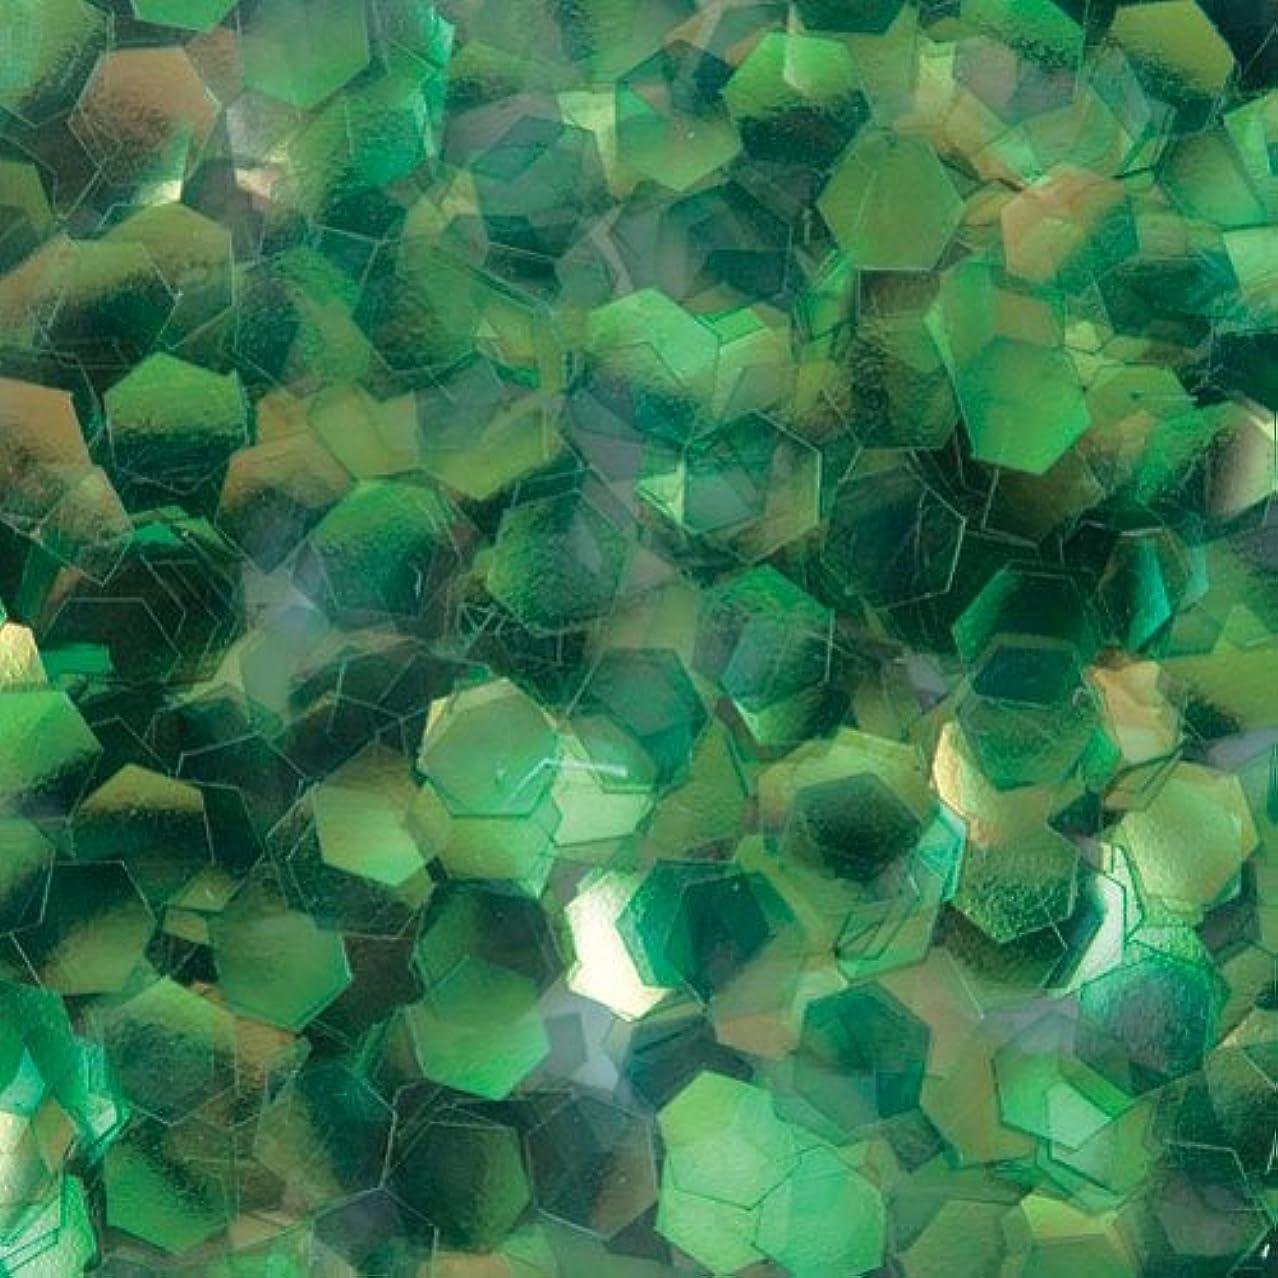 いくつかの請求書組立ピカエース ネイル用パウダー 六角オーロラG 2.5mm #330 グリーン 0.5g